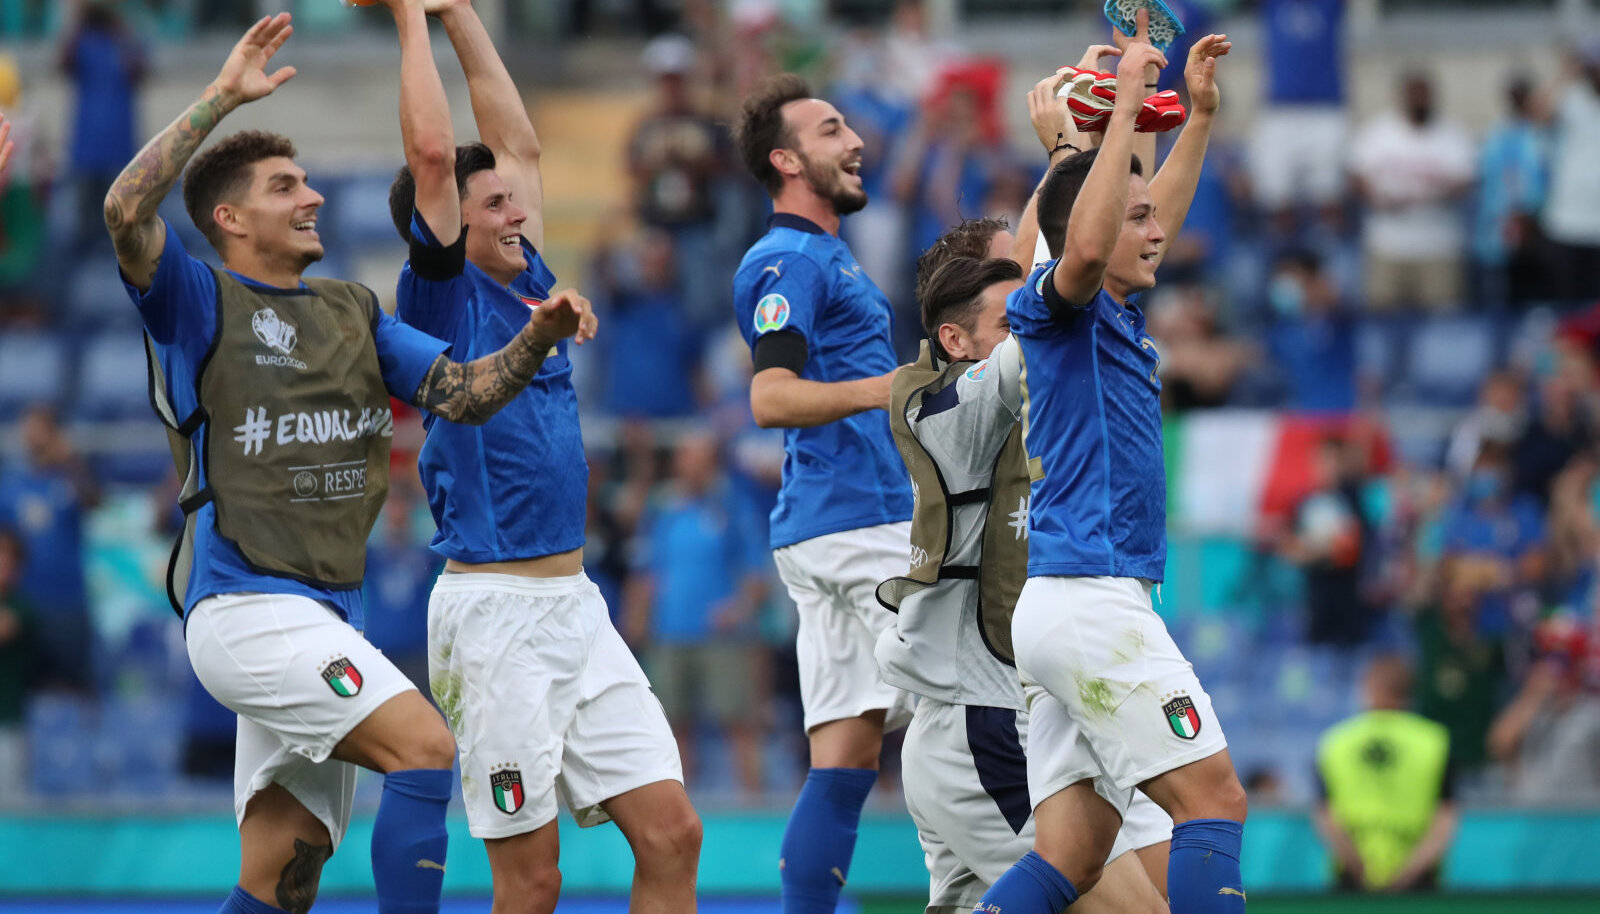 Itaalia koondise mängijad tähistamas võitu Walesi üle.